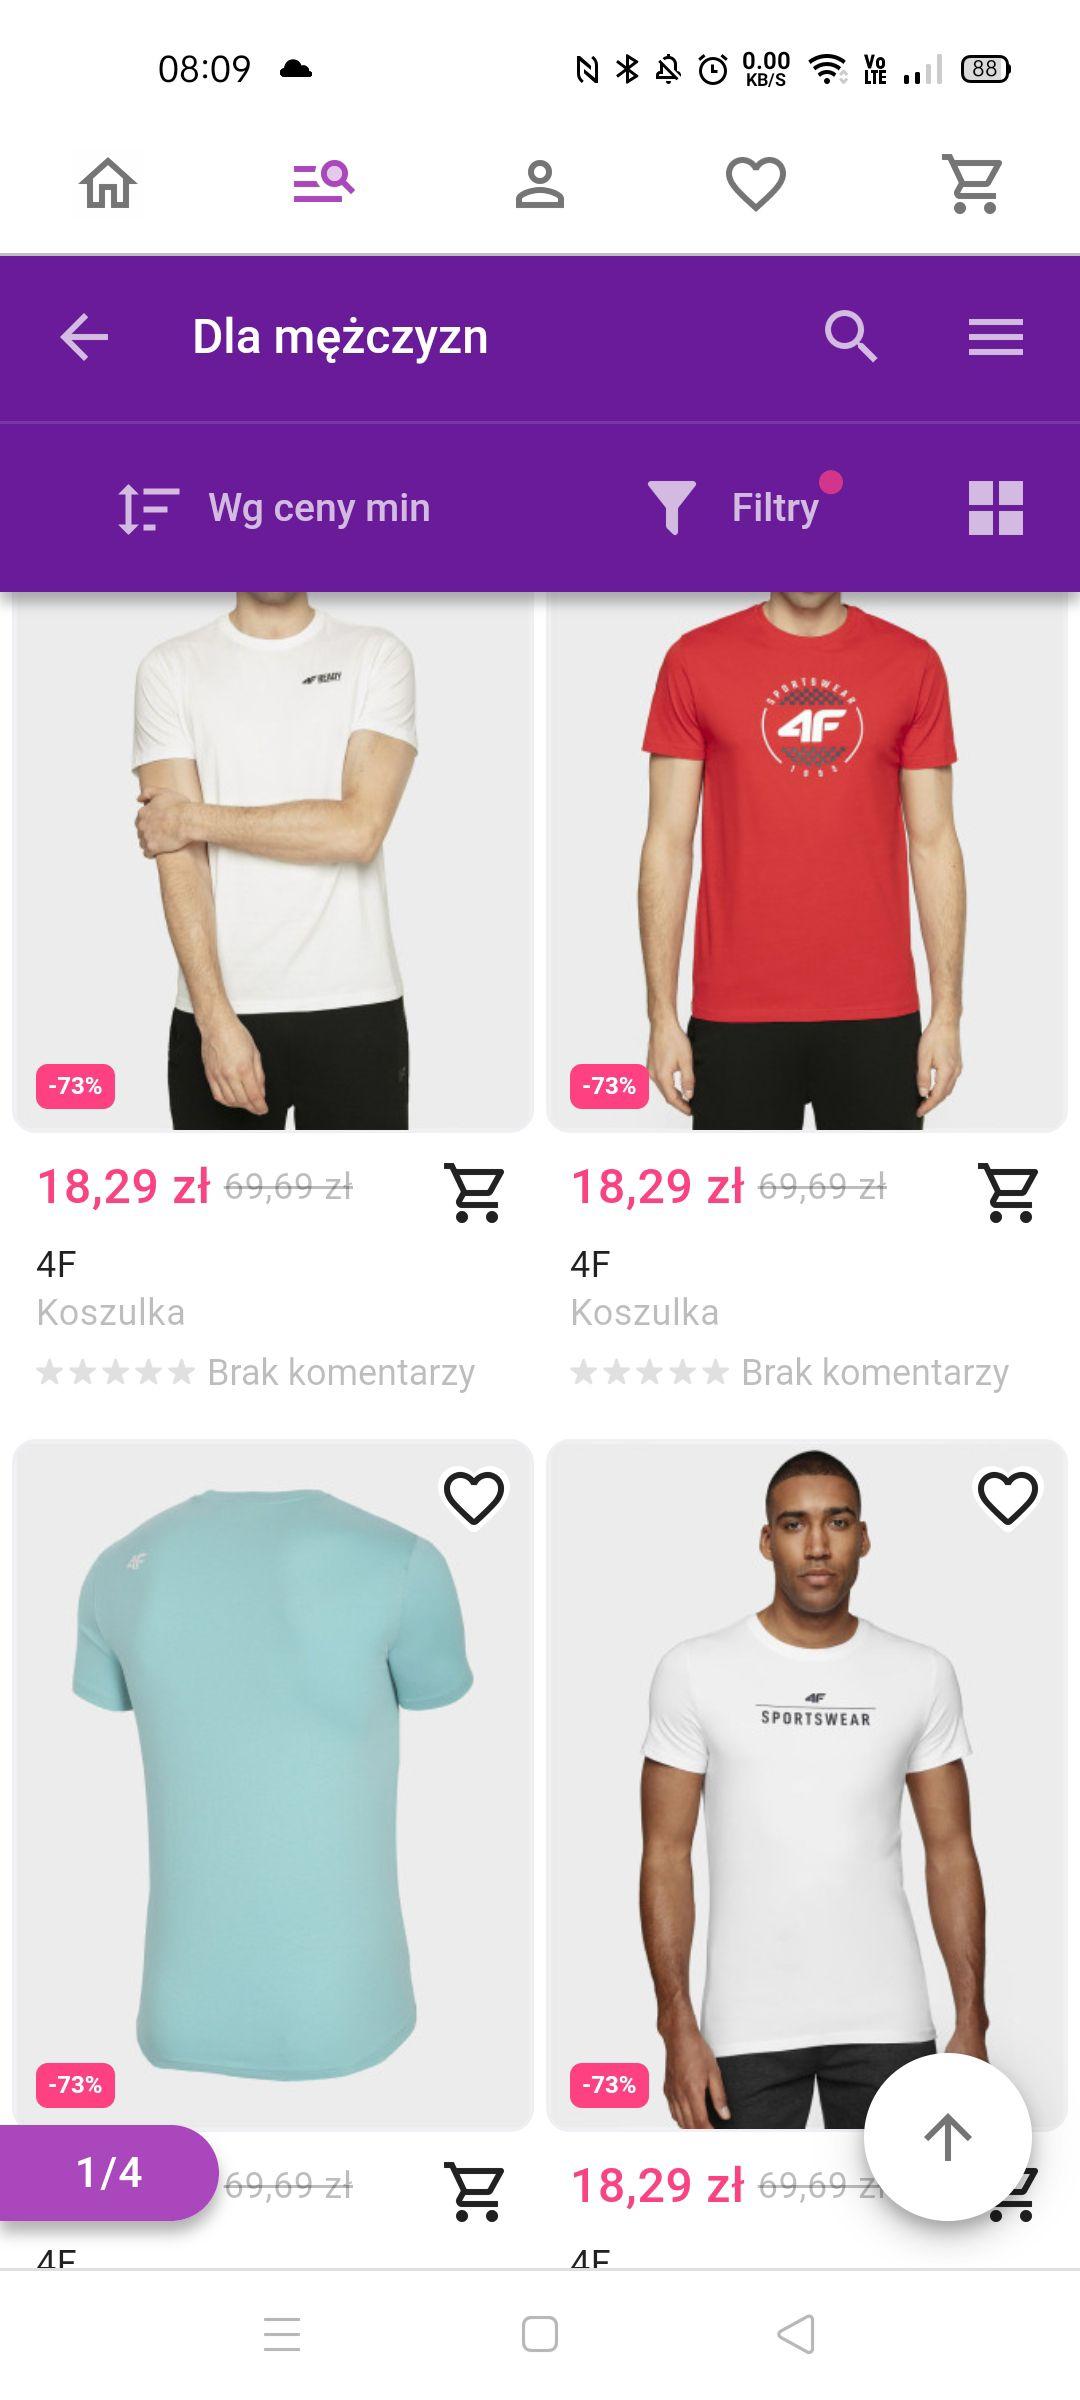 Przecena 4F w Wildberries koszulki od 18,29pln